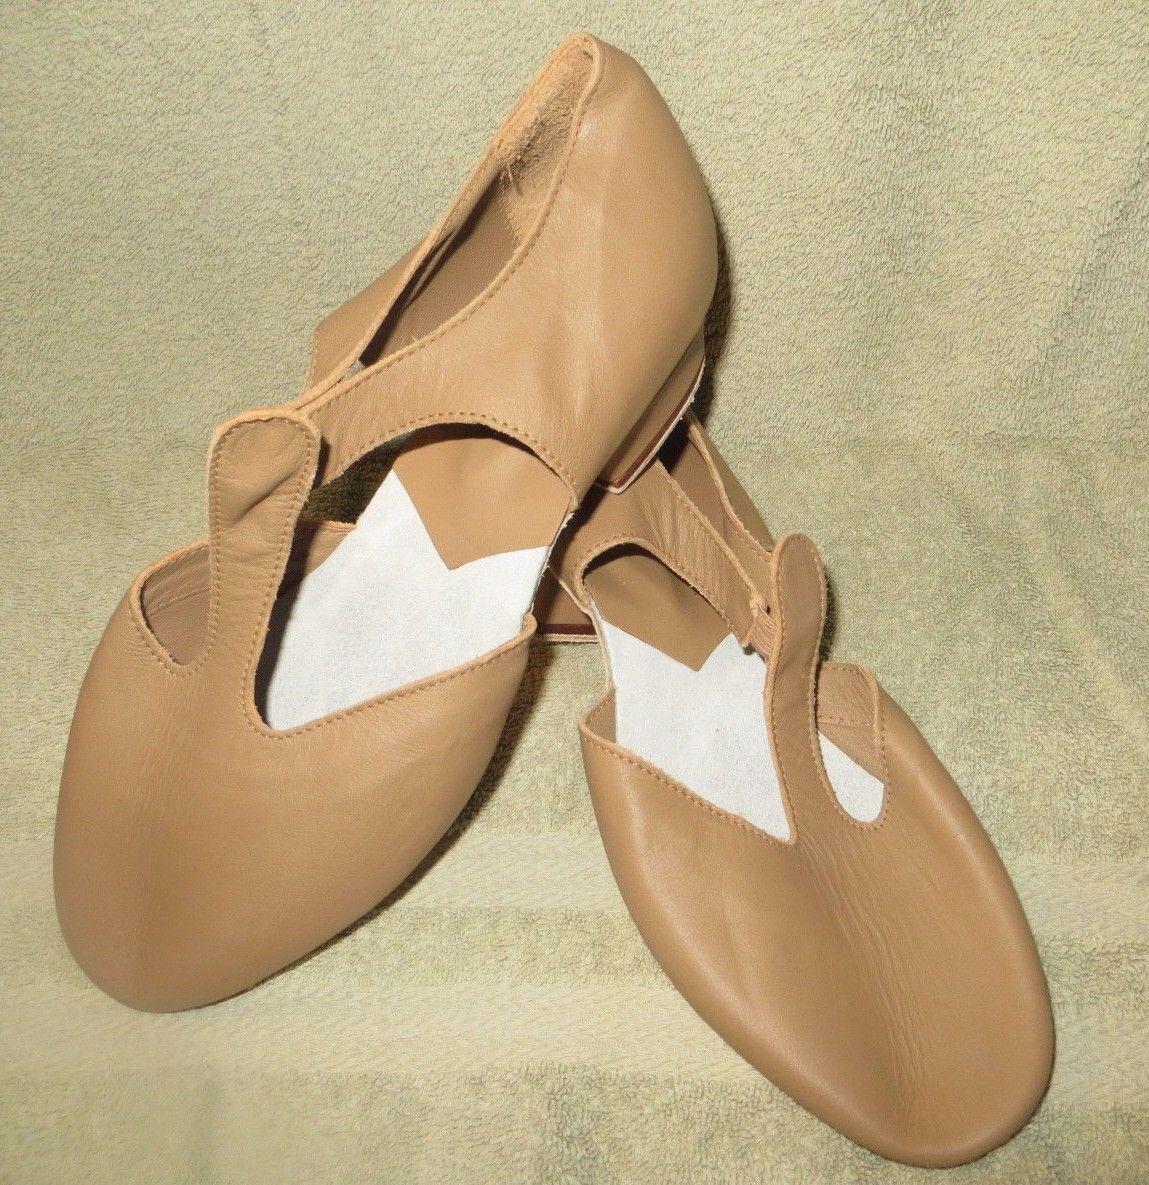 Bloch S0407L Leather Tan Grecian Sandals Size 9.5 9.5M Medium M